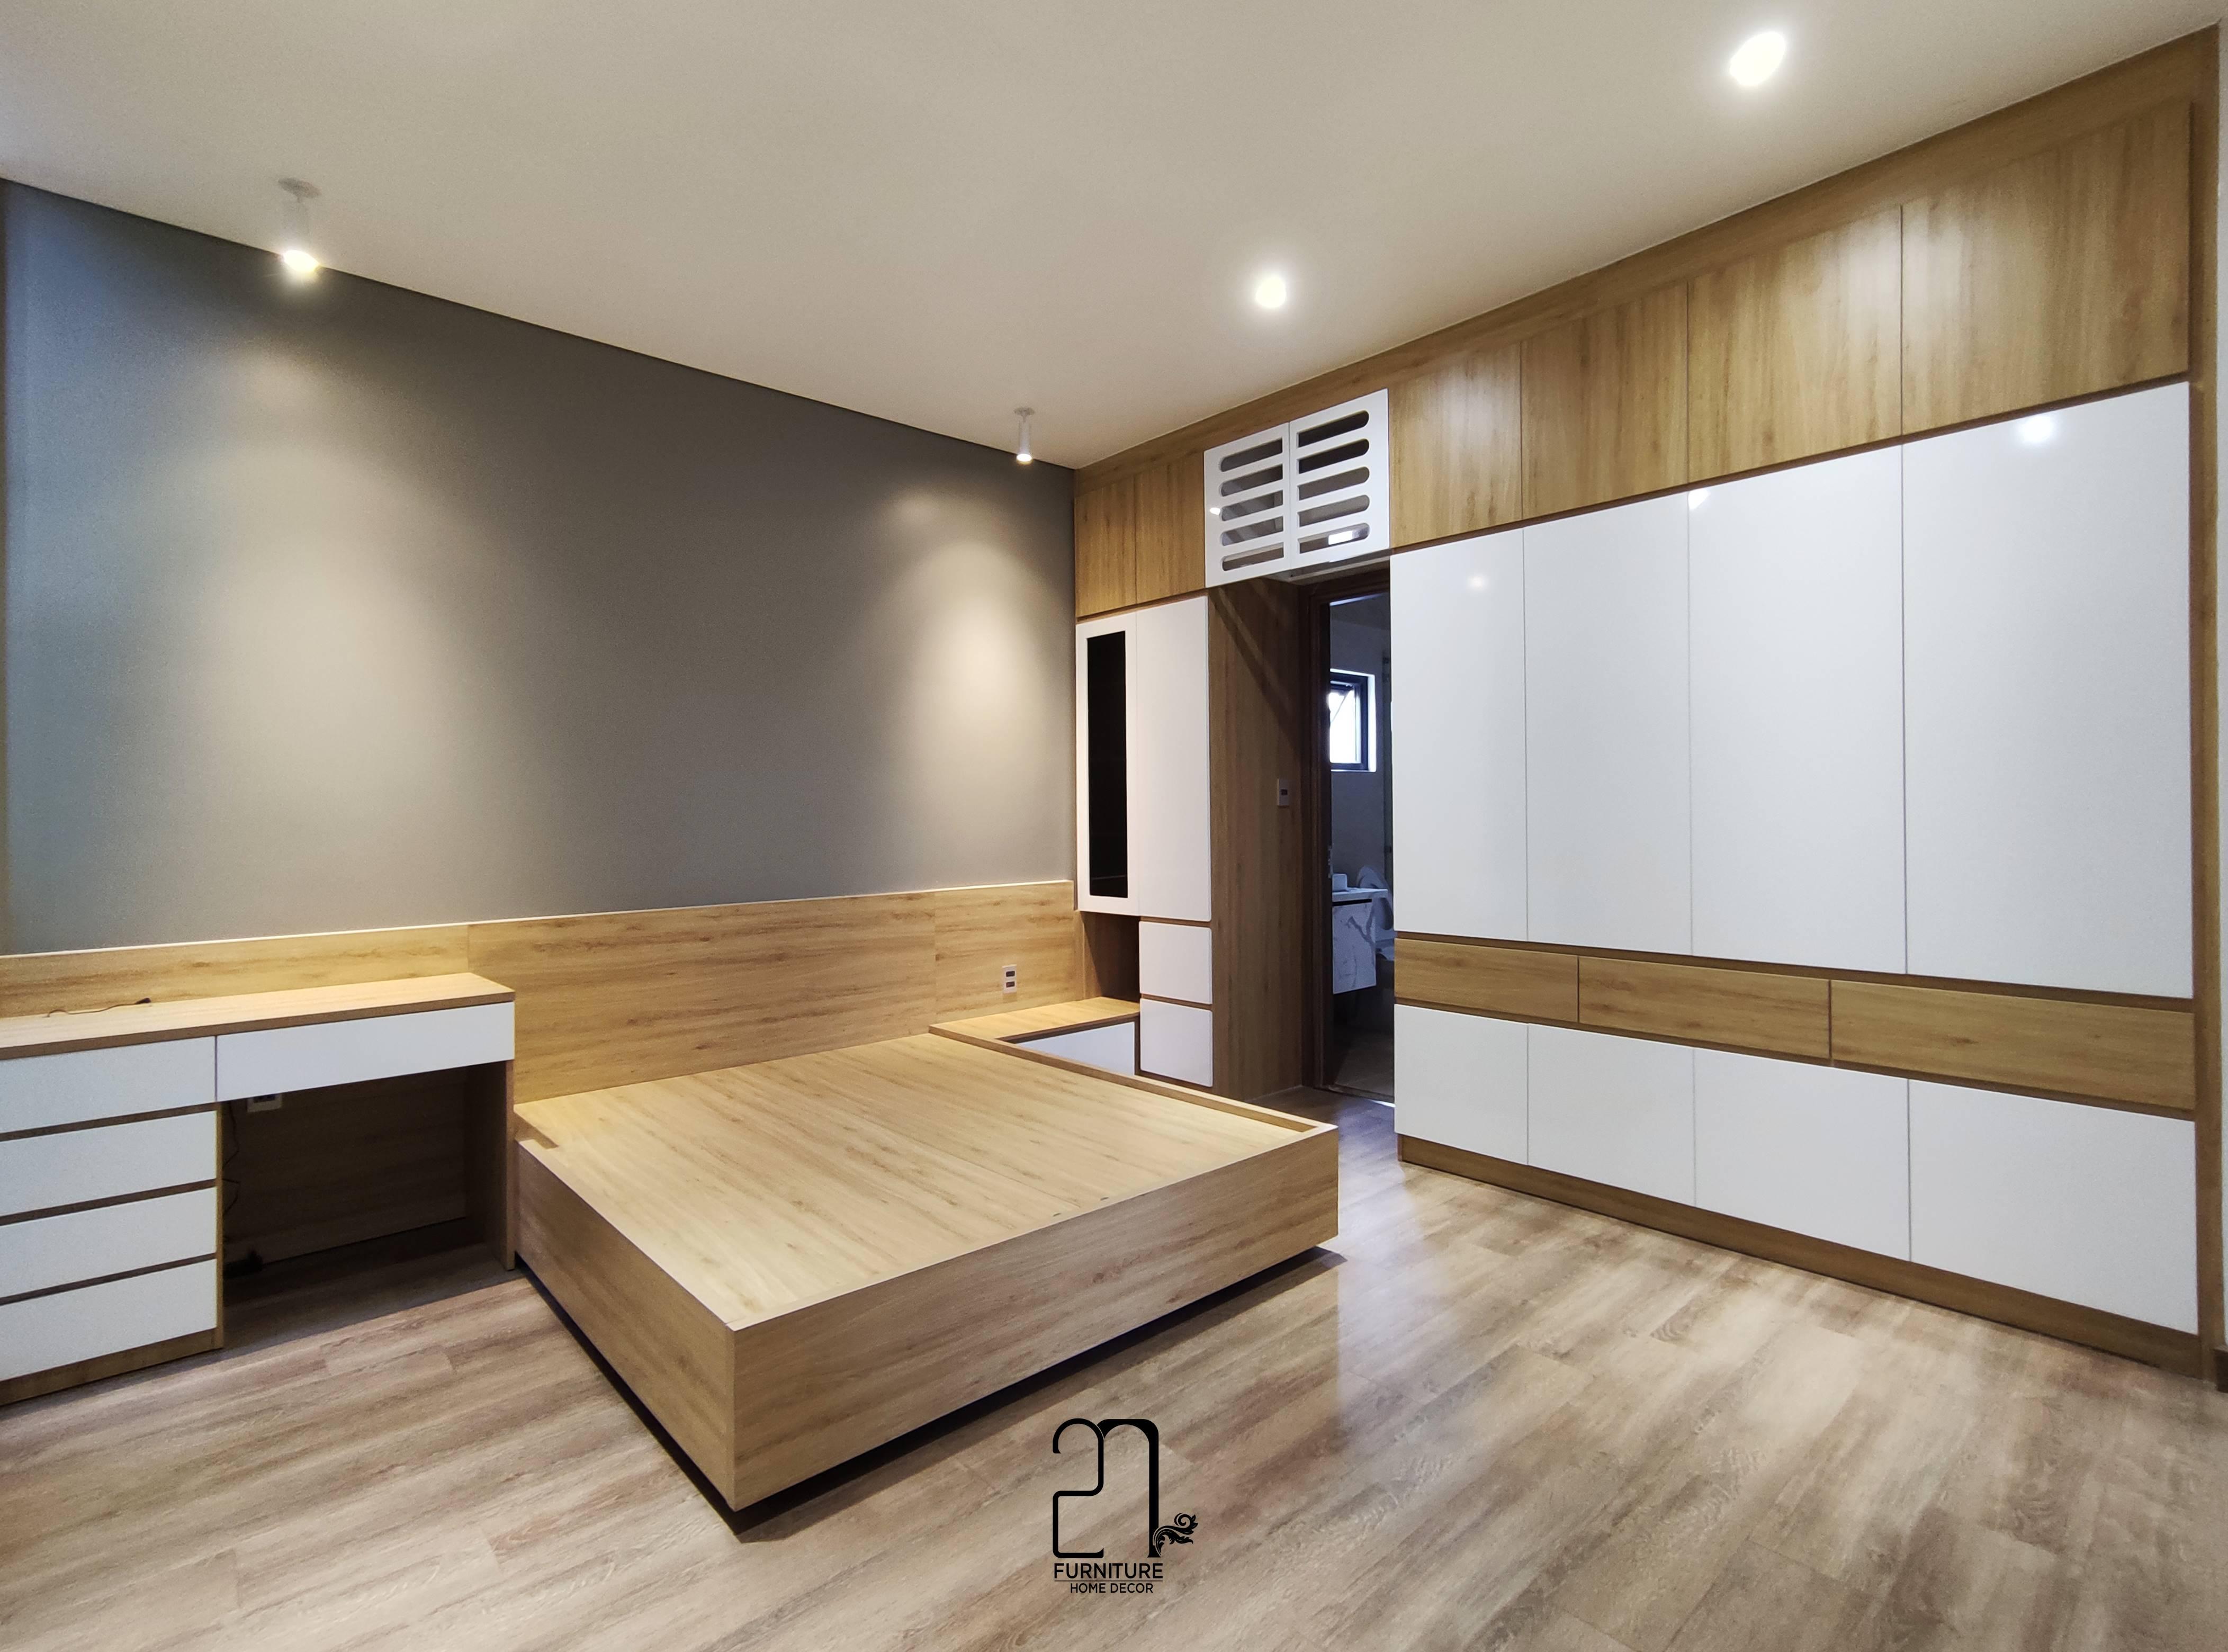 Thiết kế Biệt Thự tại Đồng Nai Thiết kế thi công biệt thự phố Biên Hòa 1631351904 3